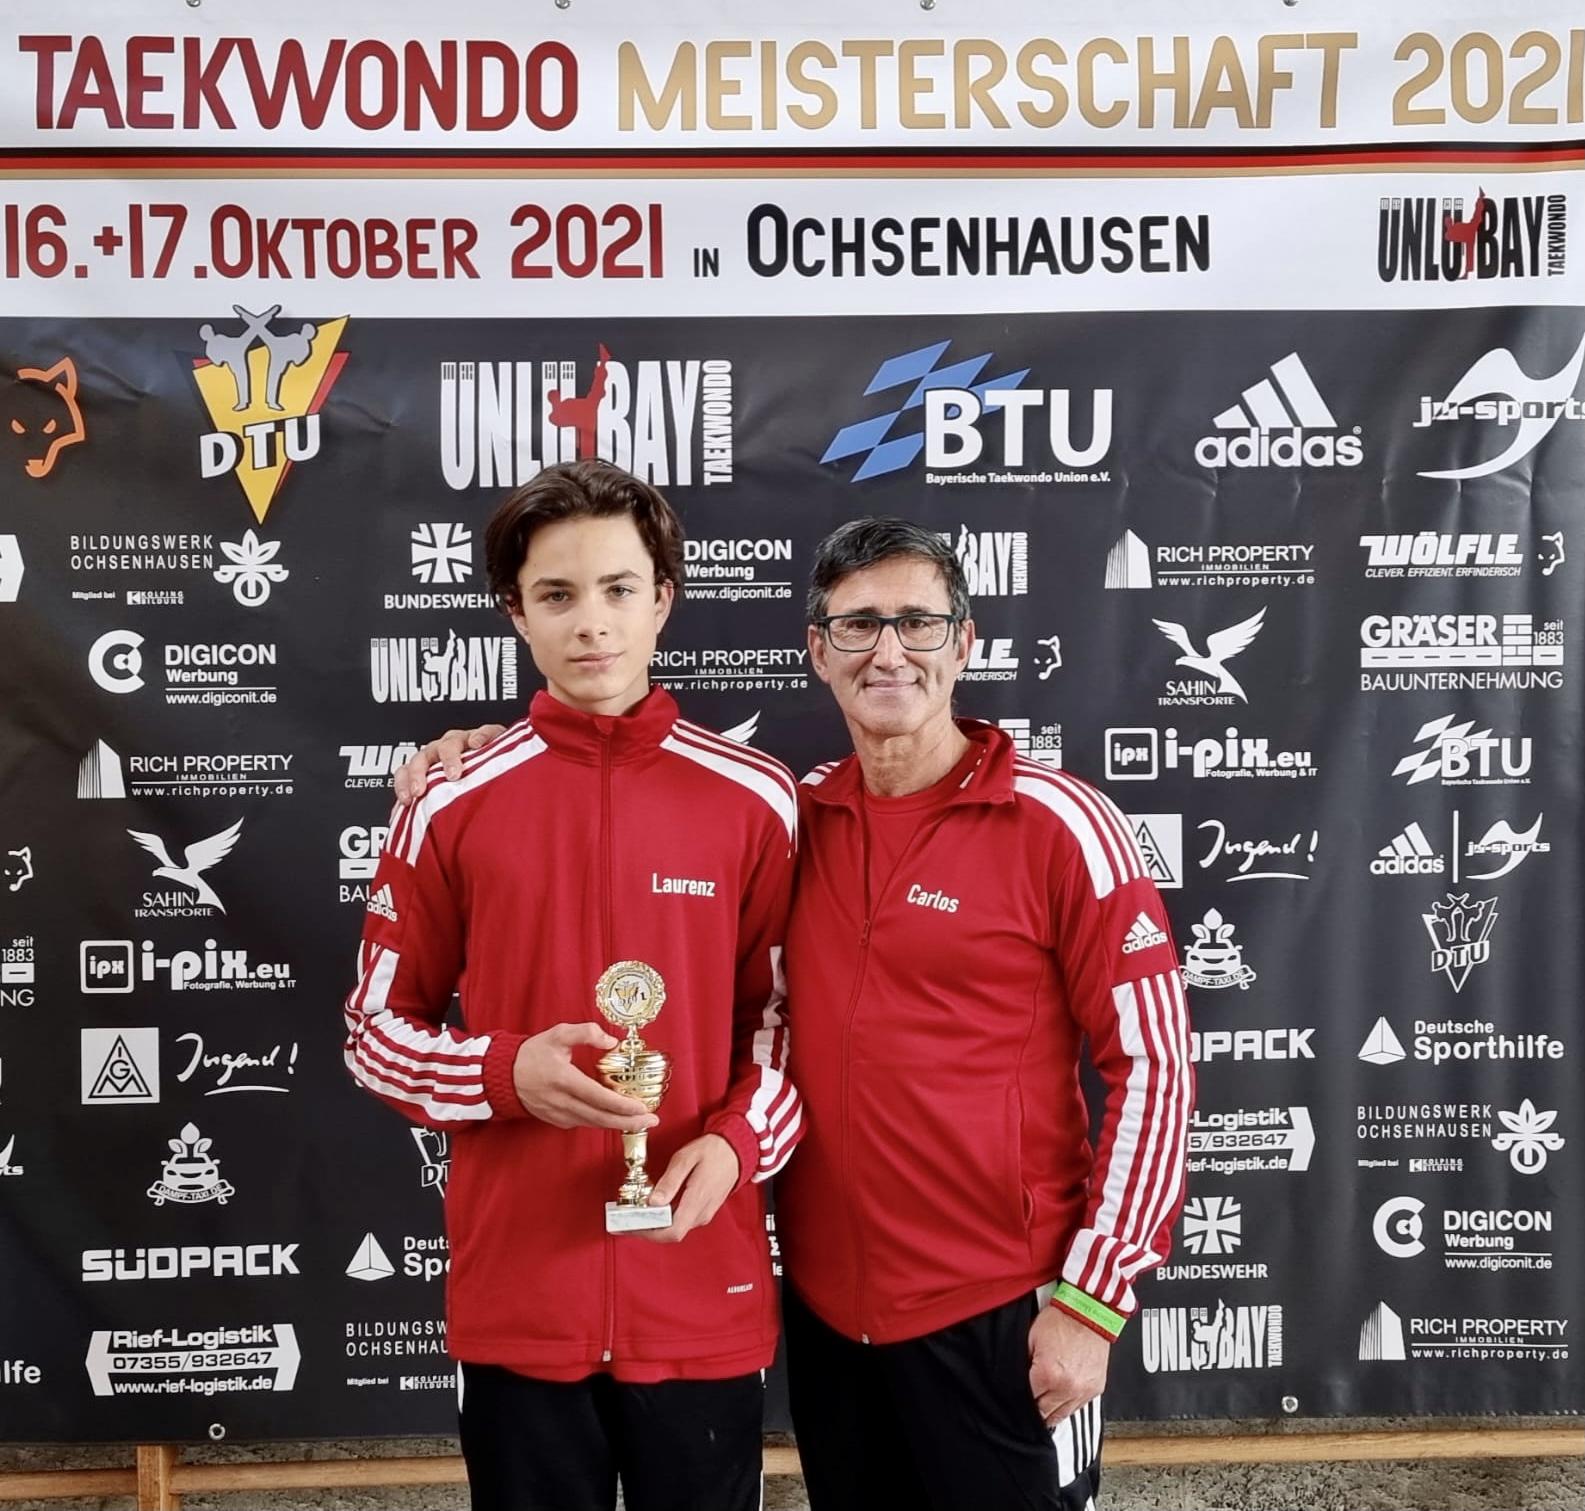 Deutscher Meistertitel im Taekwondo für Laurenz Braun